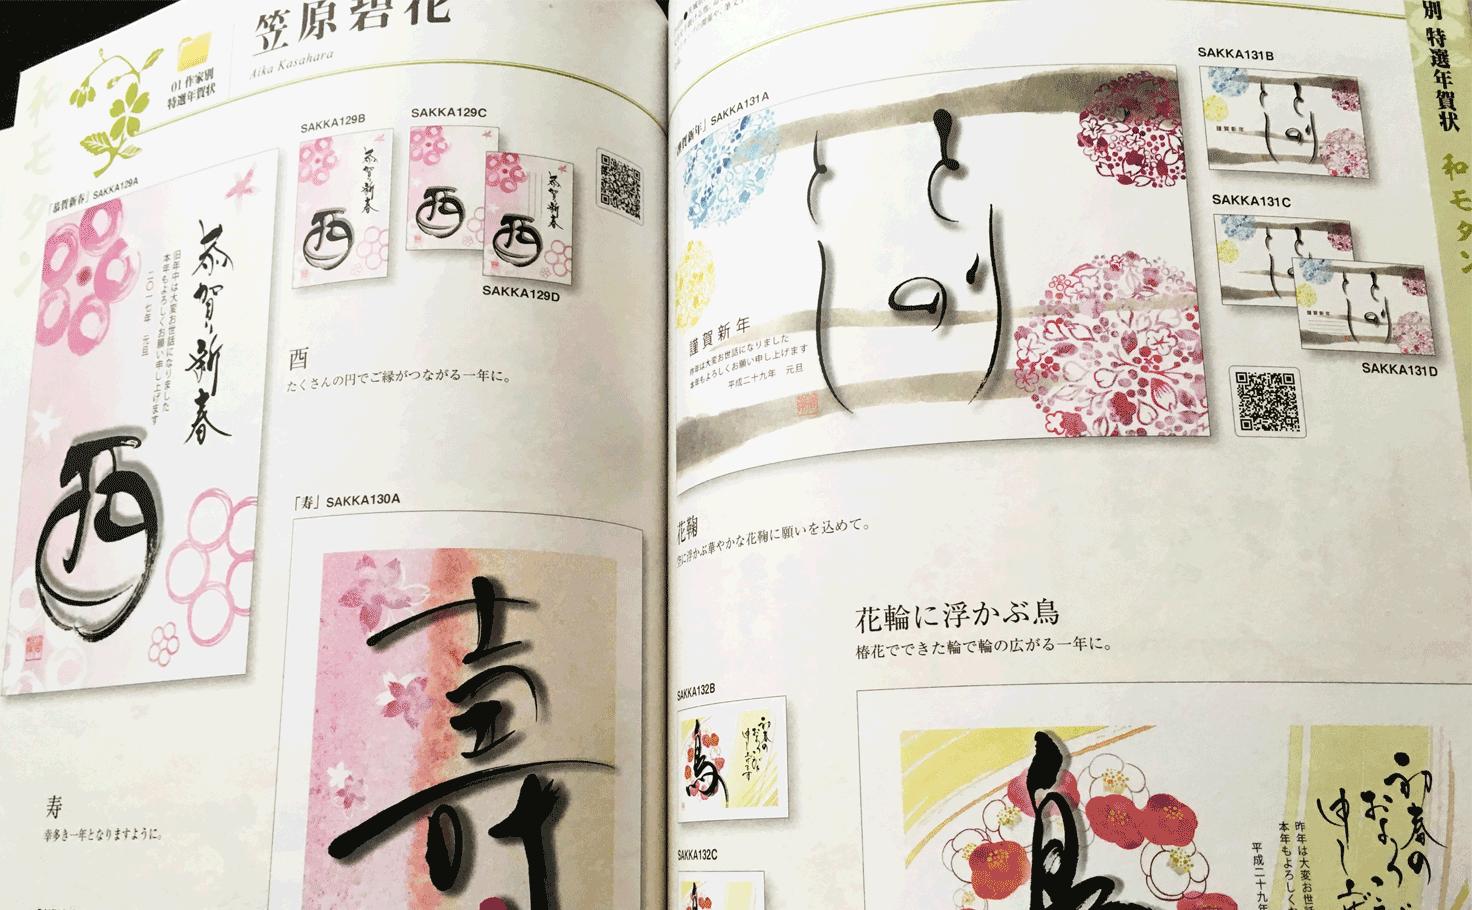 宝島社美麗年賀状の酉年年賀状デザイン